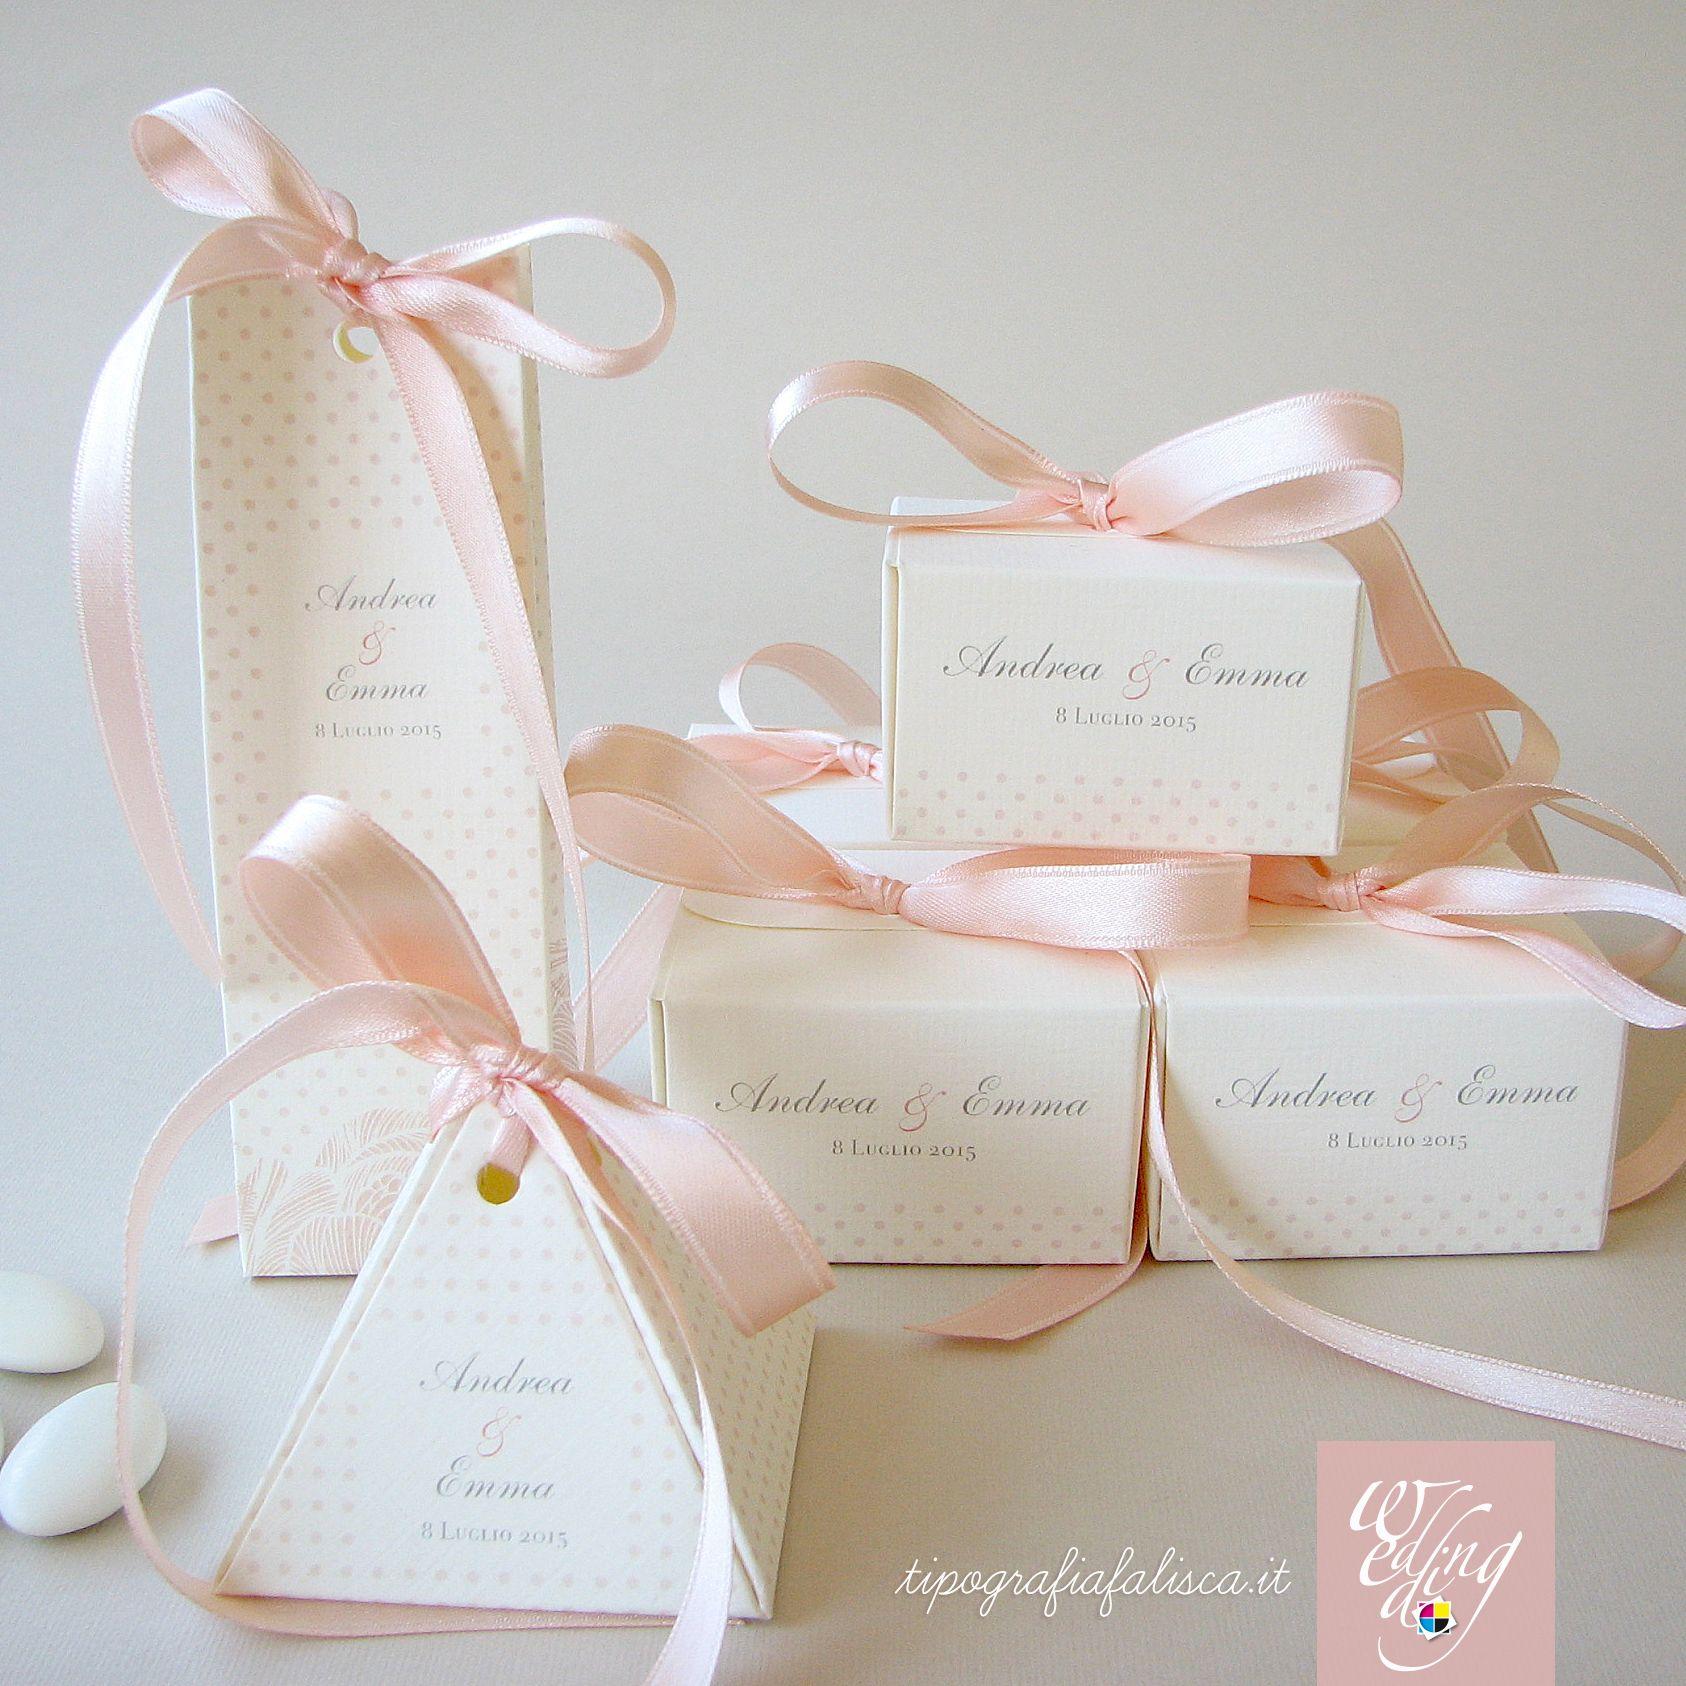 Portaconfetti Sophia Tante Forme Personalizzate Diffrenti Per Uno Stile Unico E Wedding Gifts Packaging Wedding Necessities Wedding Invitations Elegant Modern